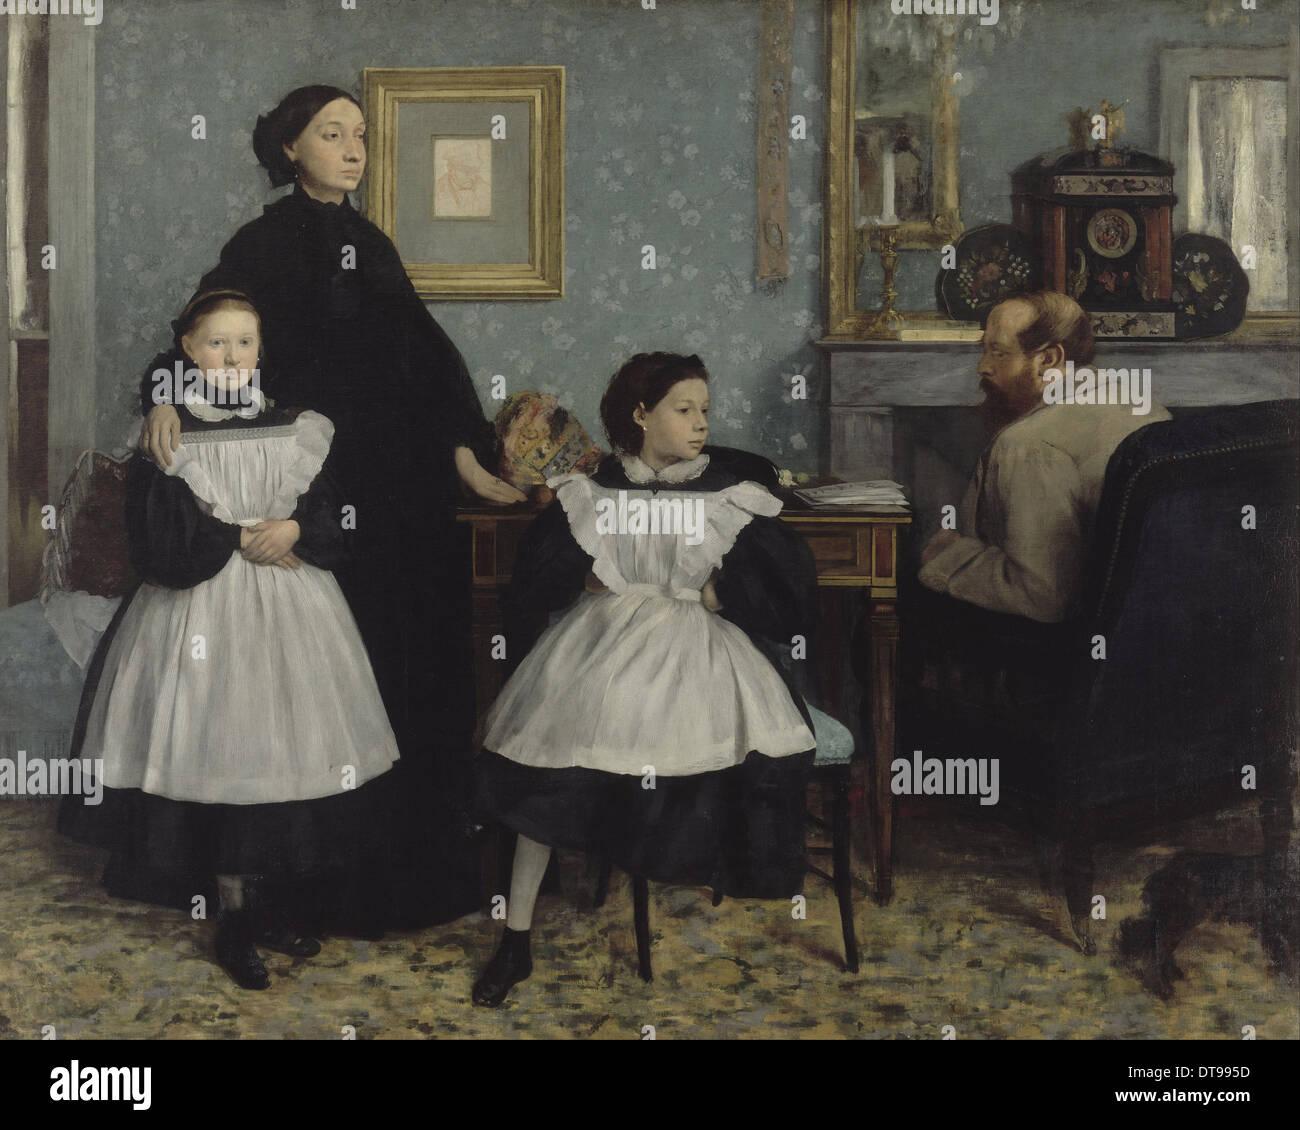 The Bellelli Family, 1858-1867. Artist: Degas, Edgar (1834-1917) - Stock Image